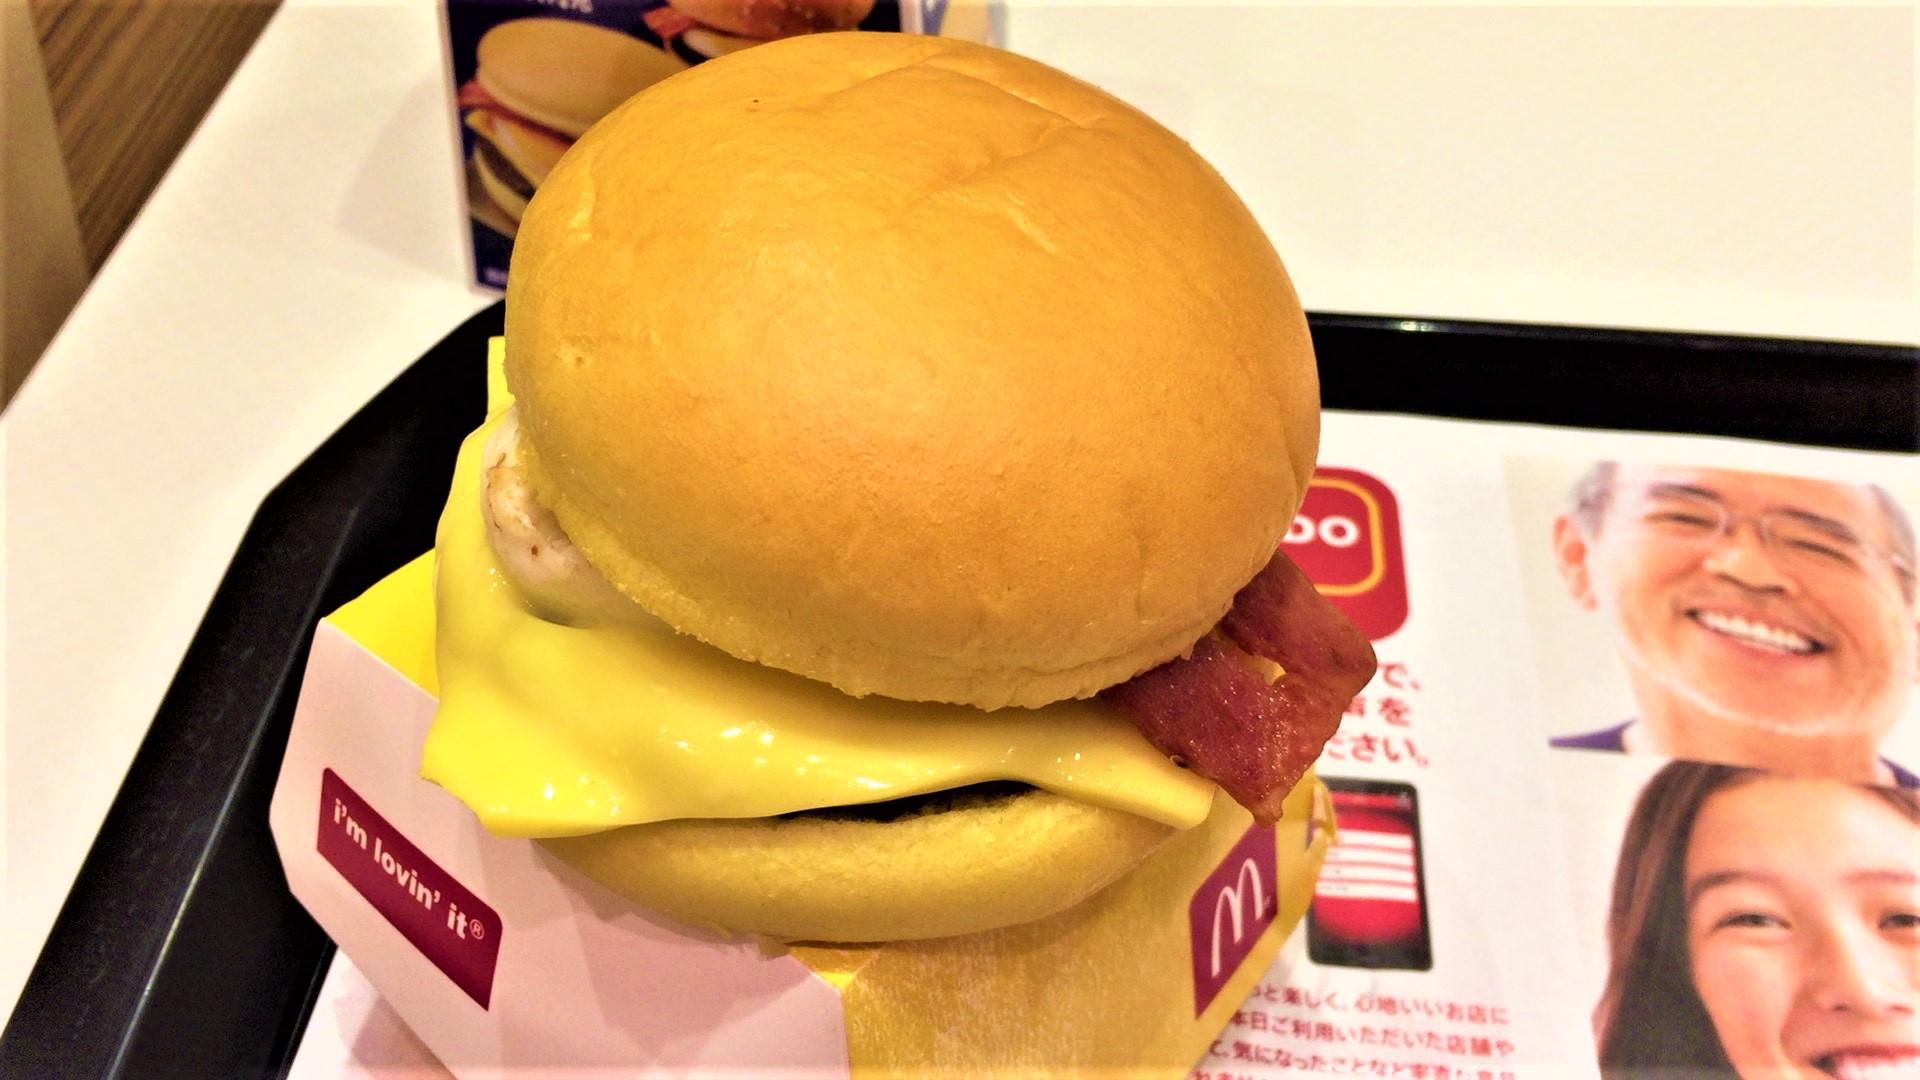 金の月見バーガー(マクドナルド)を食べてみた【感想・口コミは?】